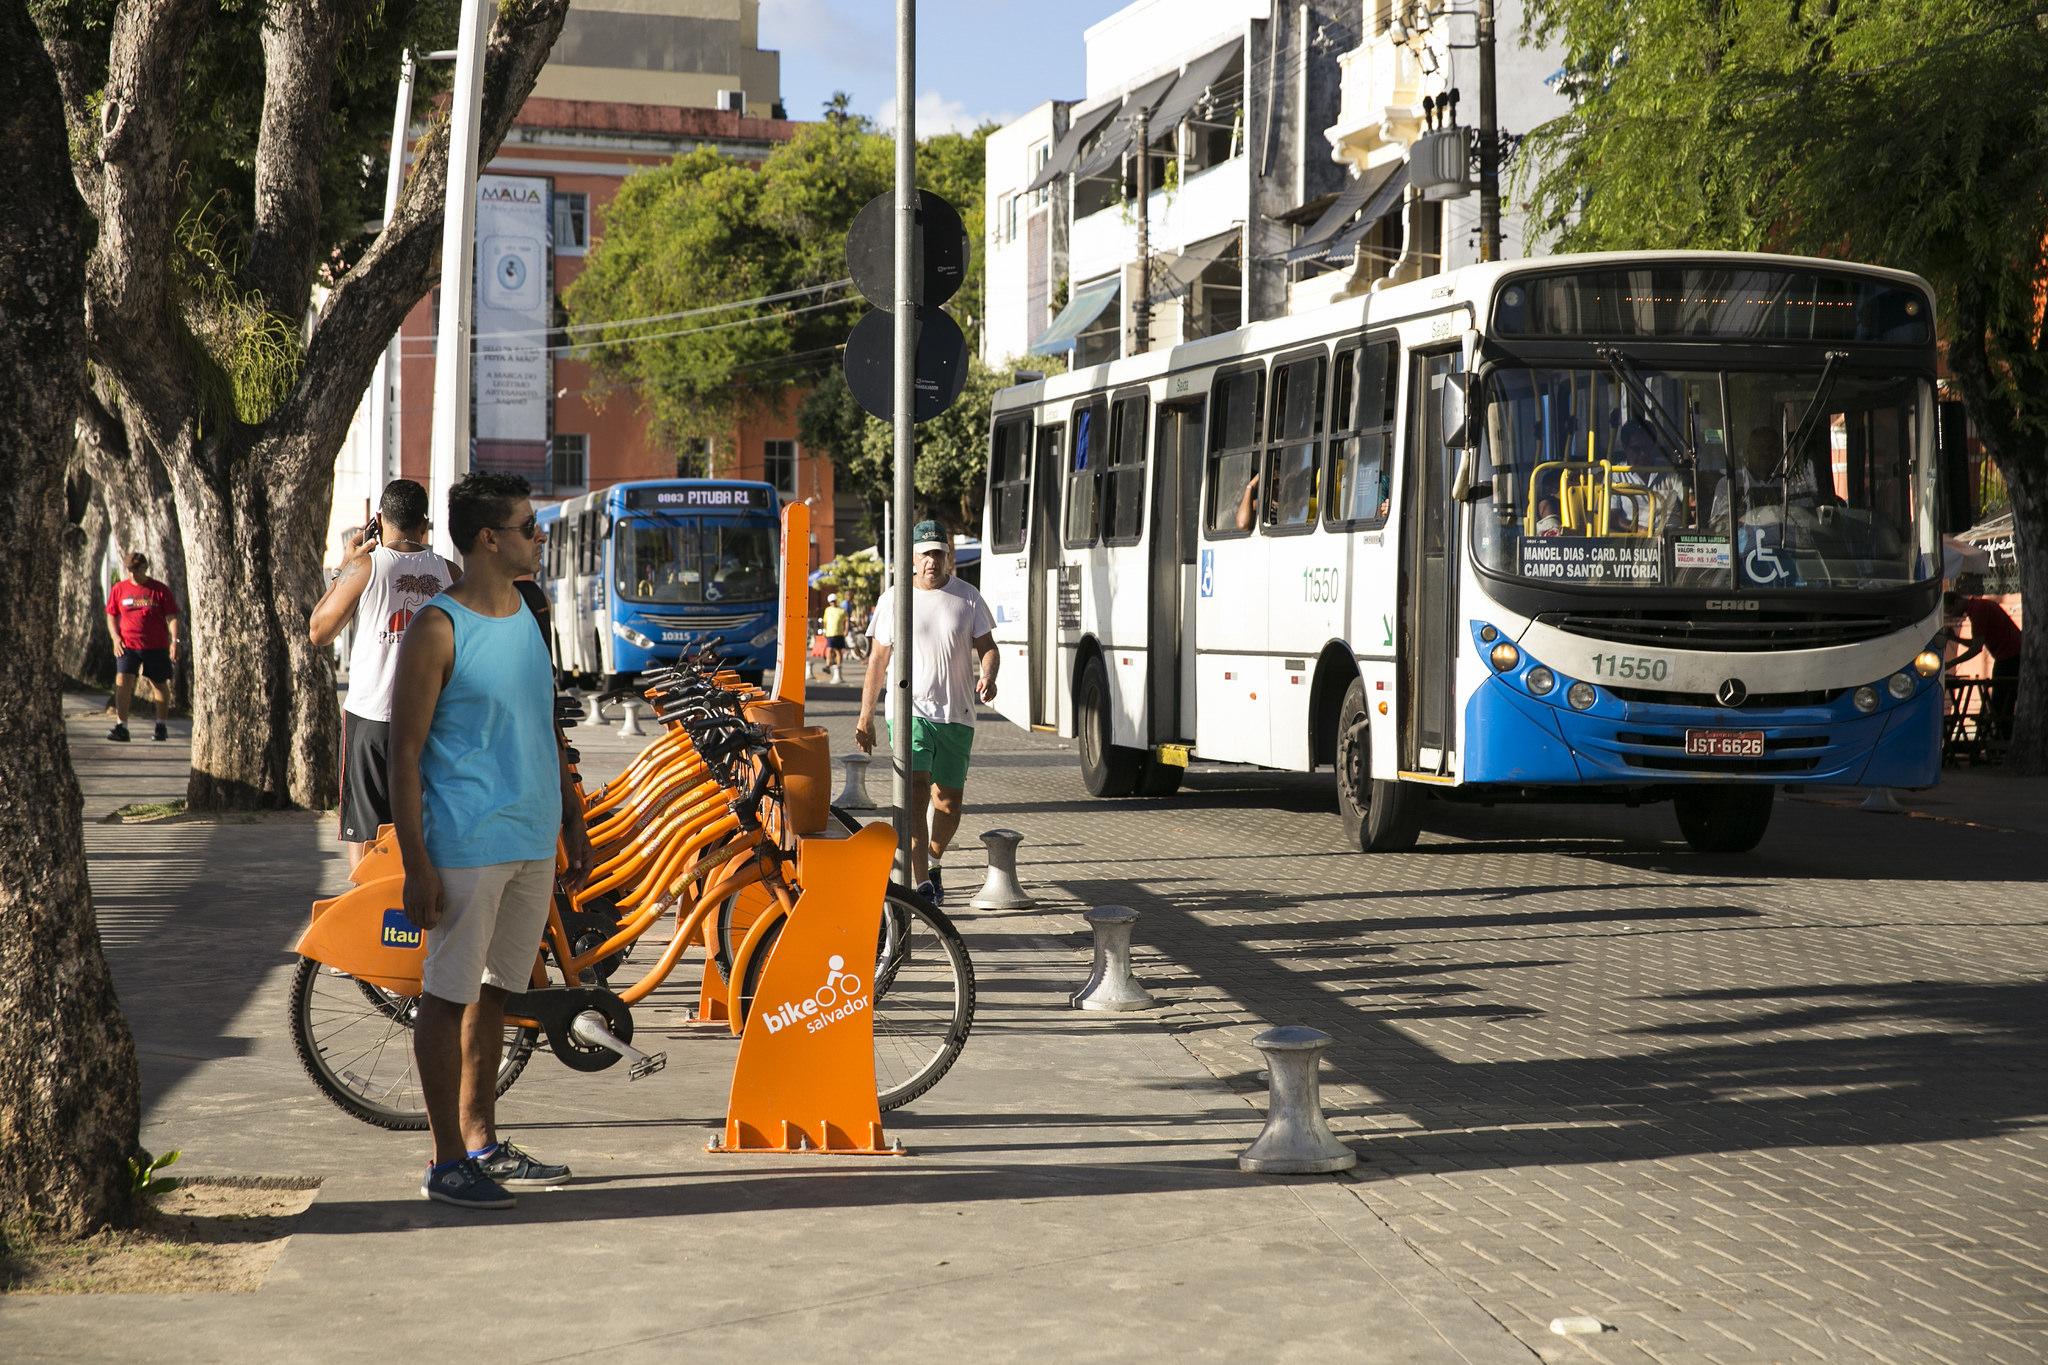 Sistema de bicicleta compartilhada em Salvador.